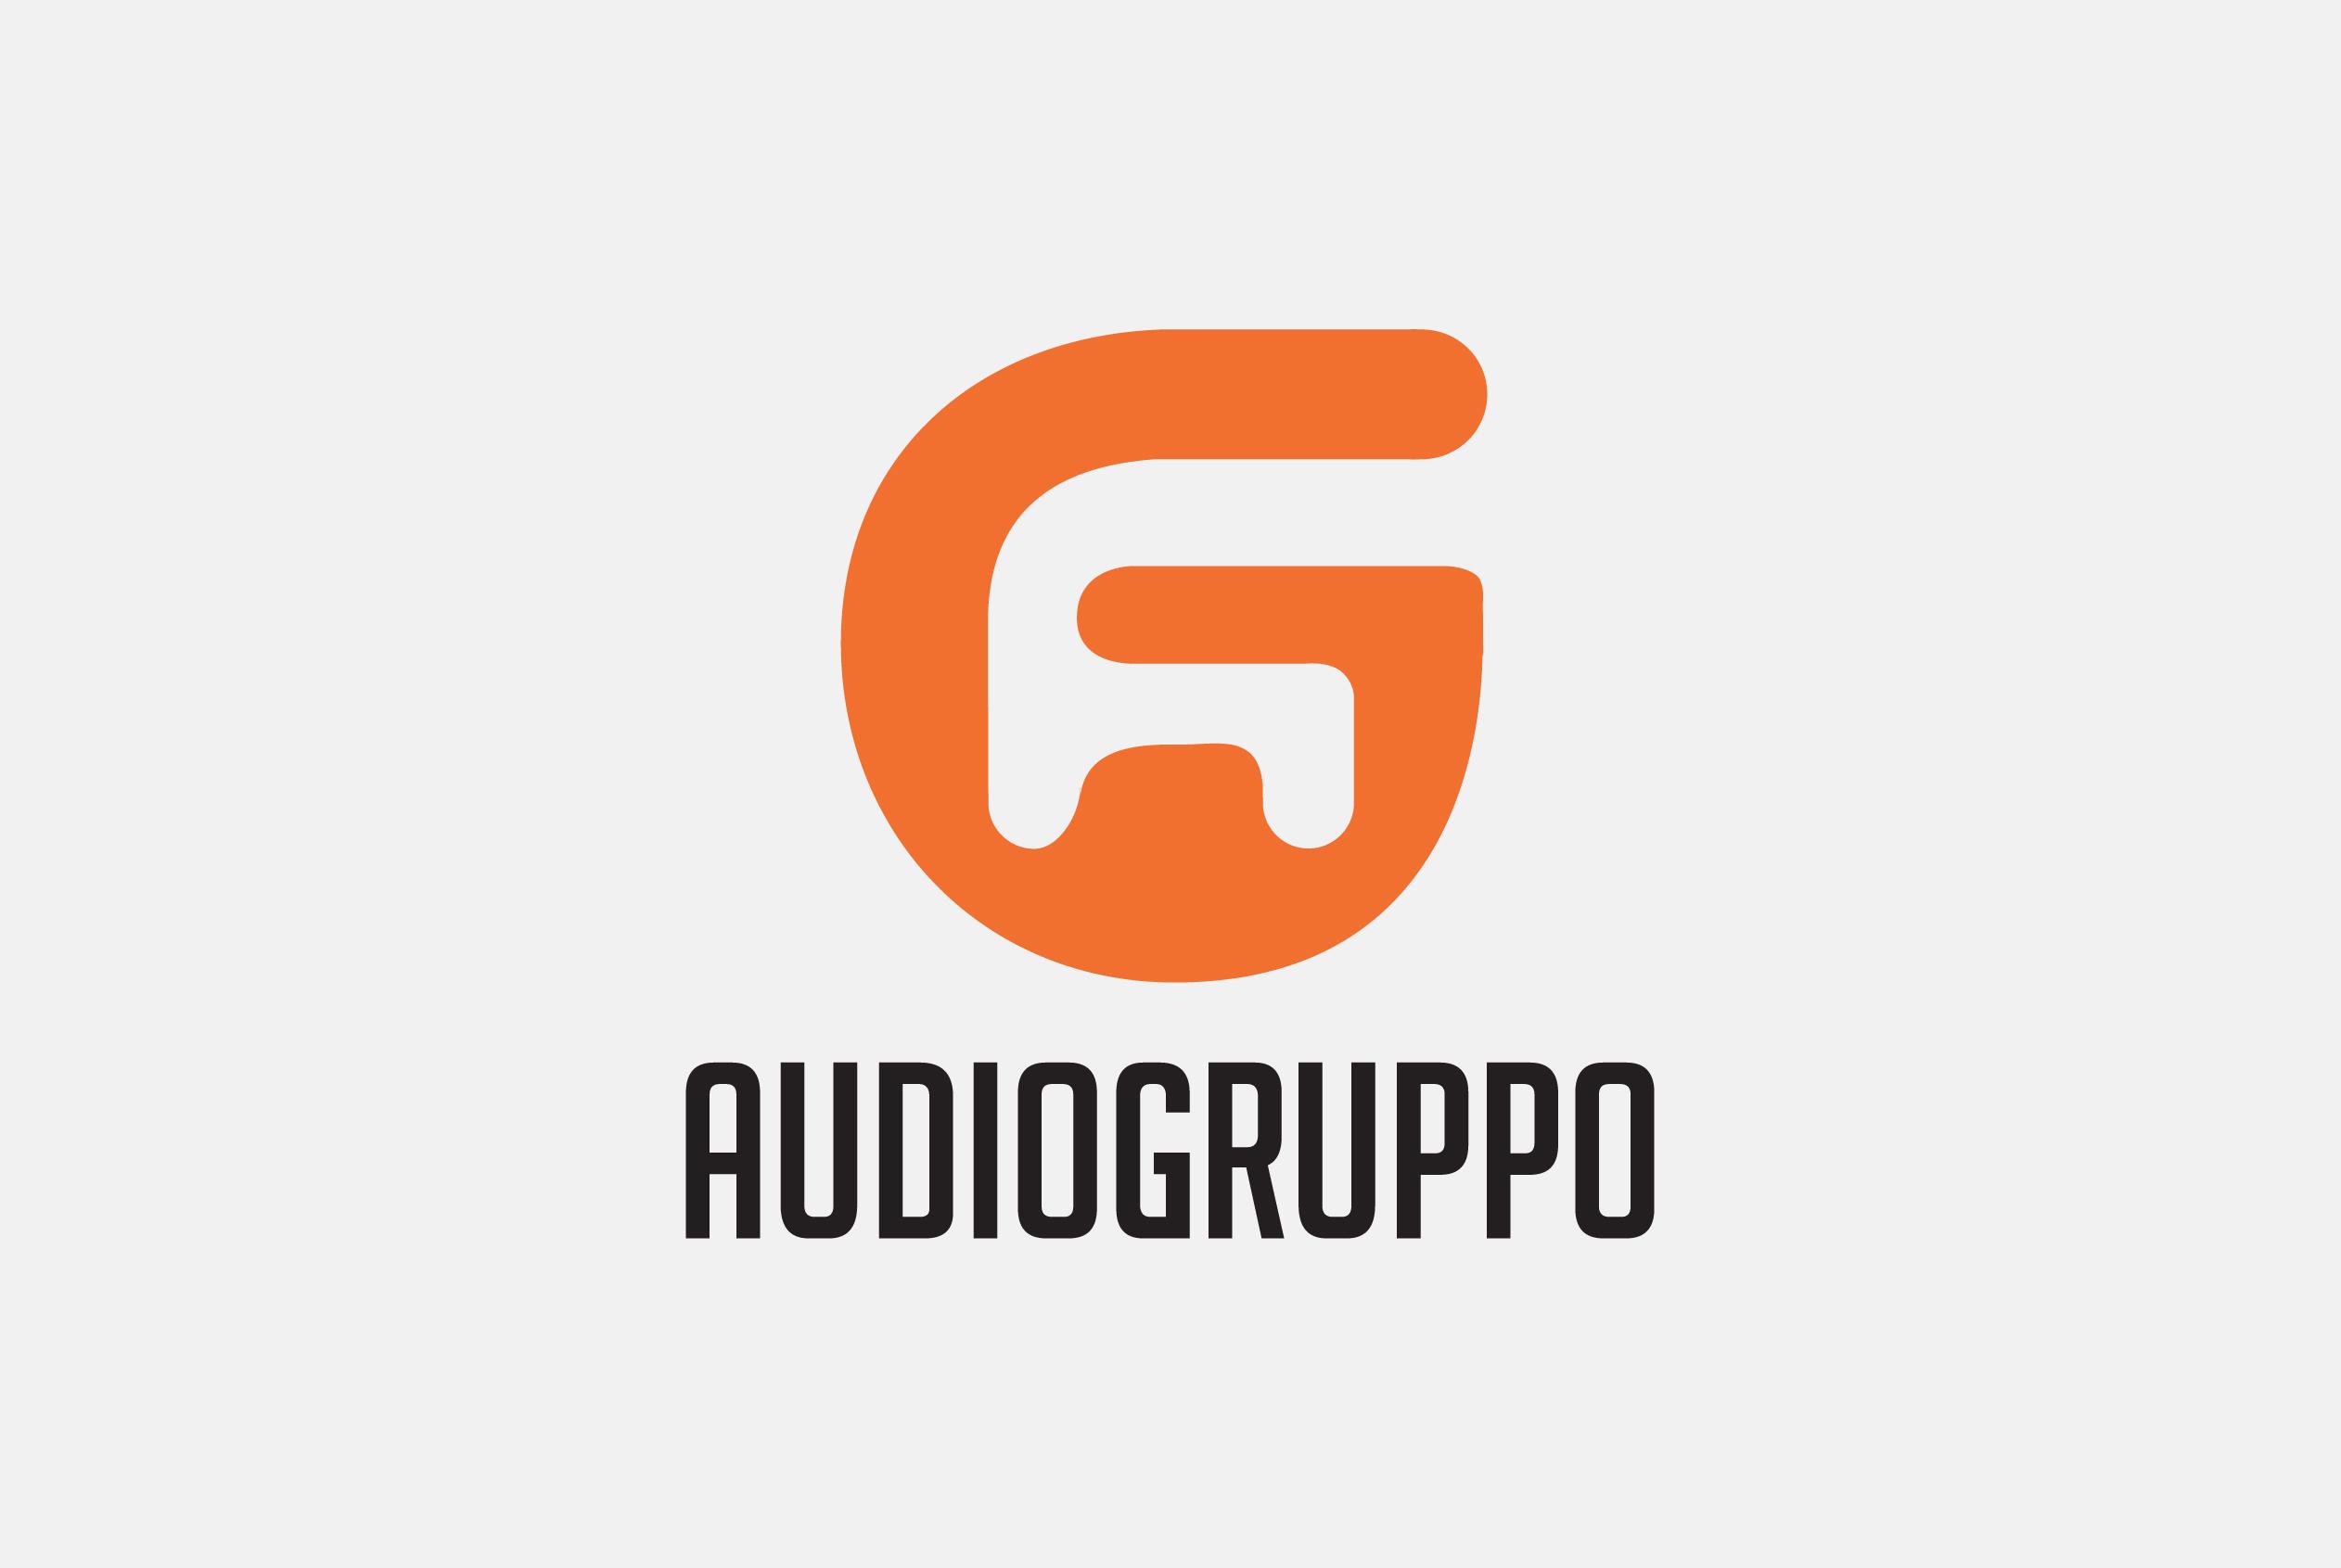 Audiogruppo